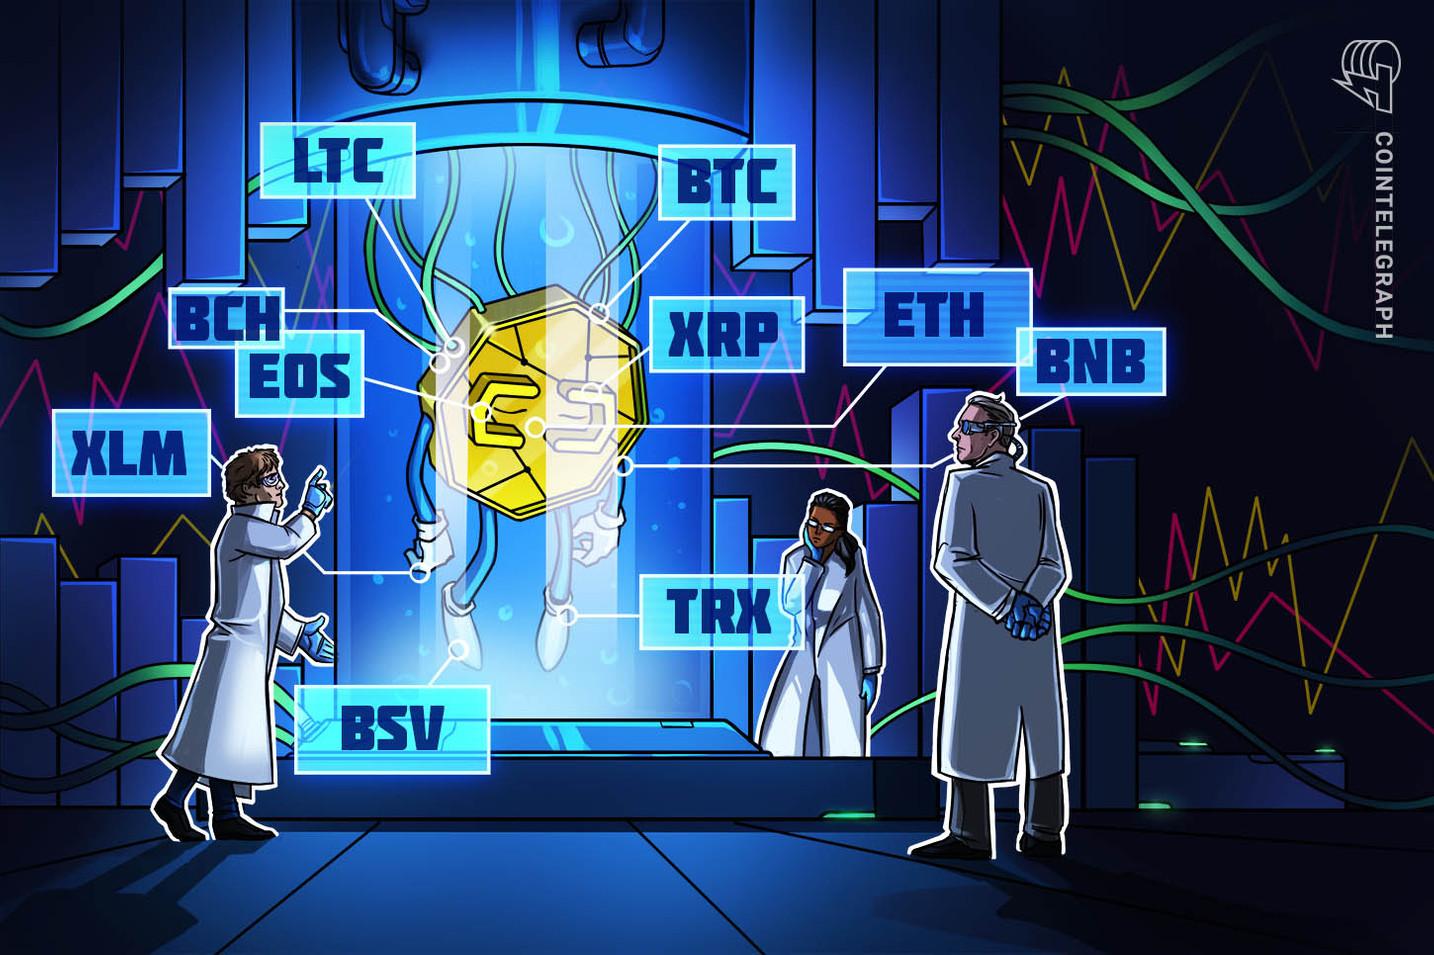 Kursanalyse, 8. Februar: Bitcoin, Ripple, Ethereum, Litecoin, EOS, Bitcoin Cash, Tron, Stellar, Binance Coin, Bitcoin SV